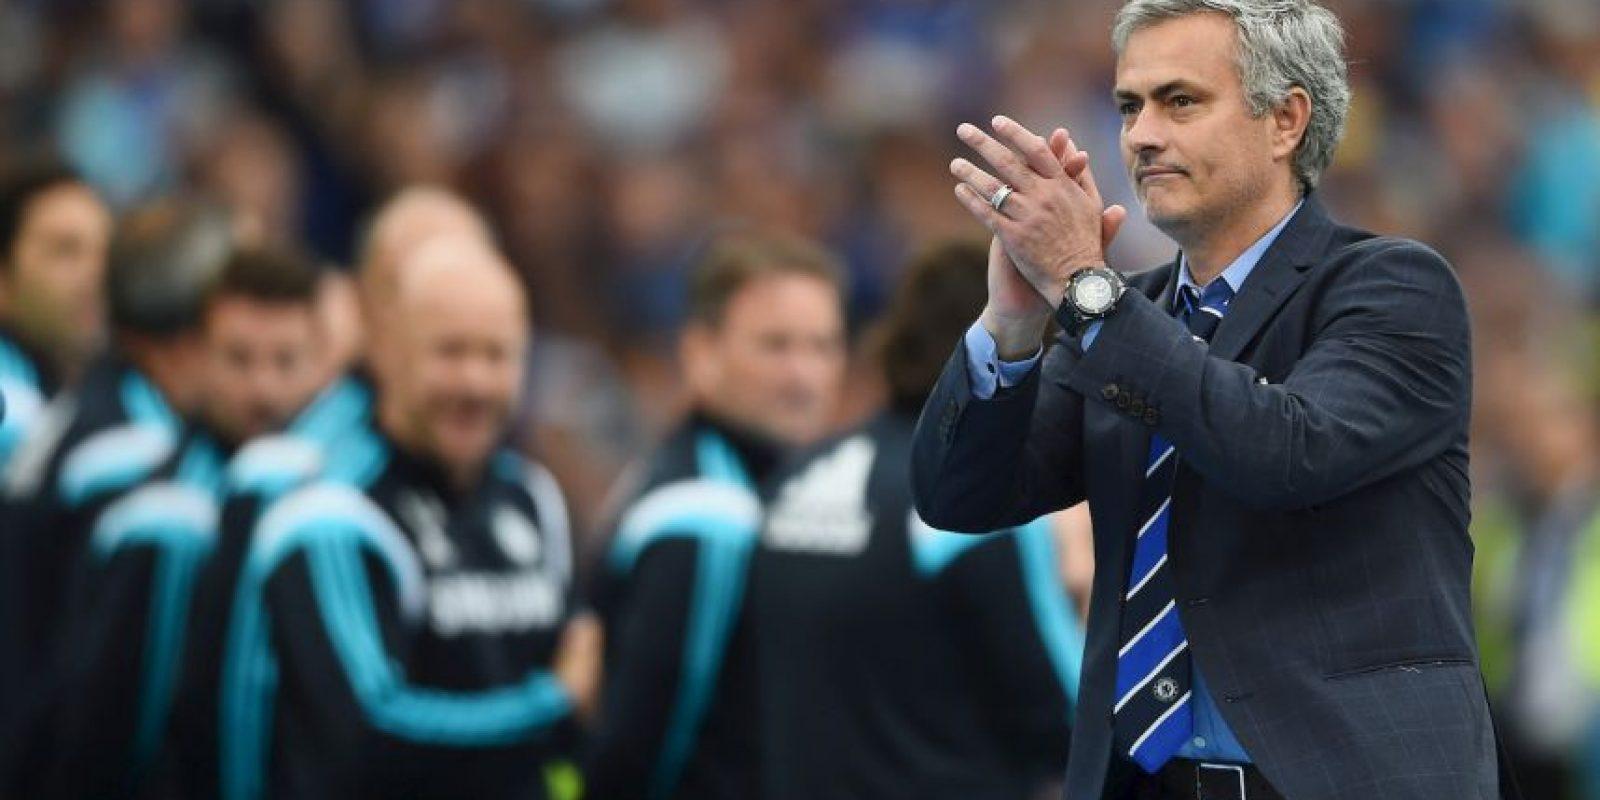 """Los """"Blues"""" sólo han ganado 11 puntos de 36 posibles y los punteros de la Premier League, Manchester City y Arsenal, están a 15 unidades de distancia. Foto:Getty Images"""